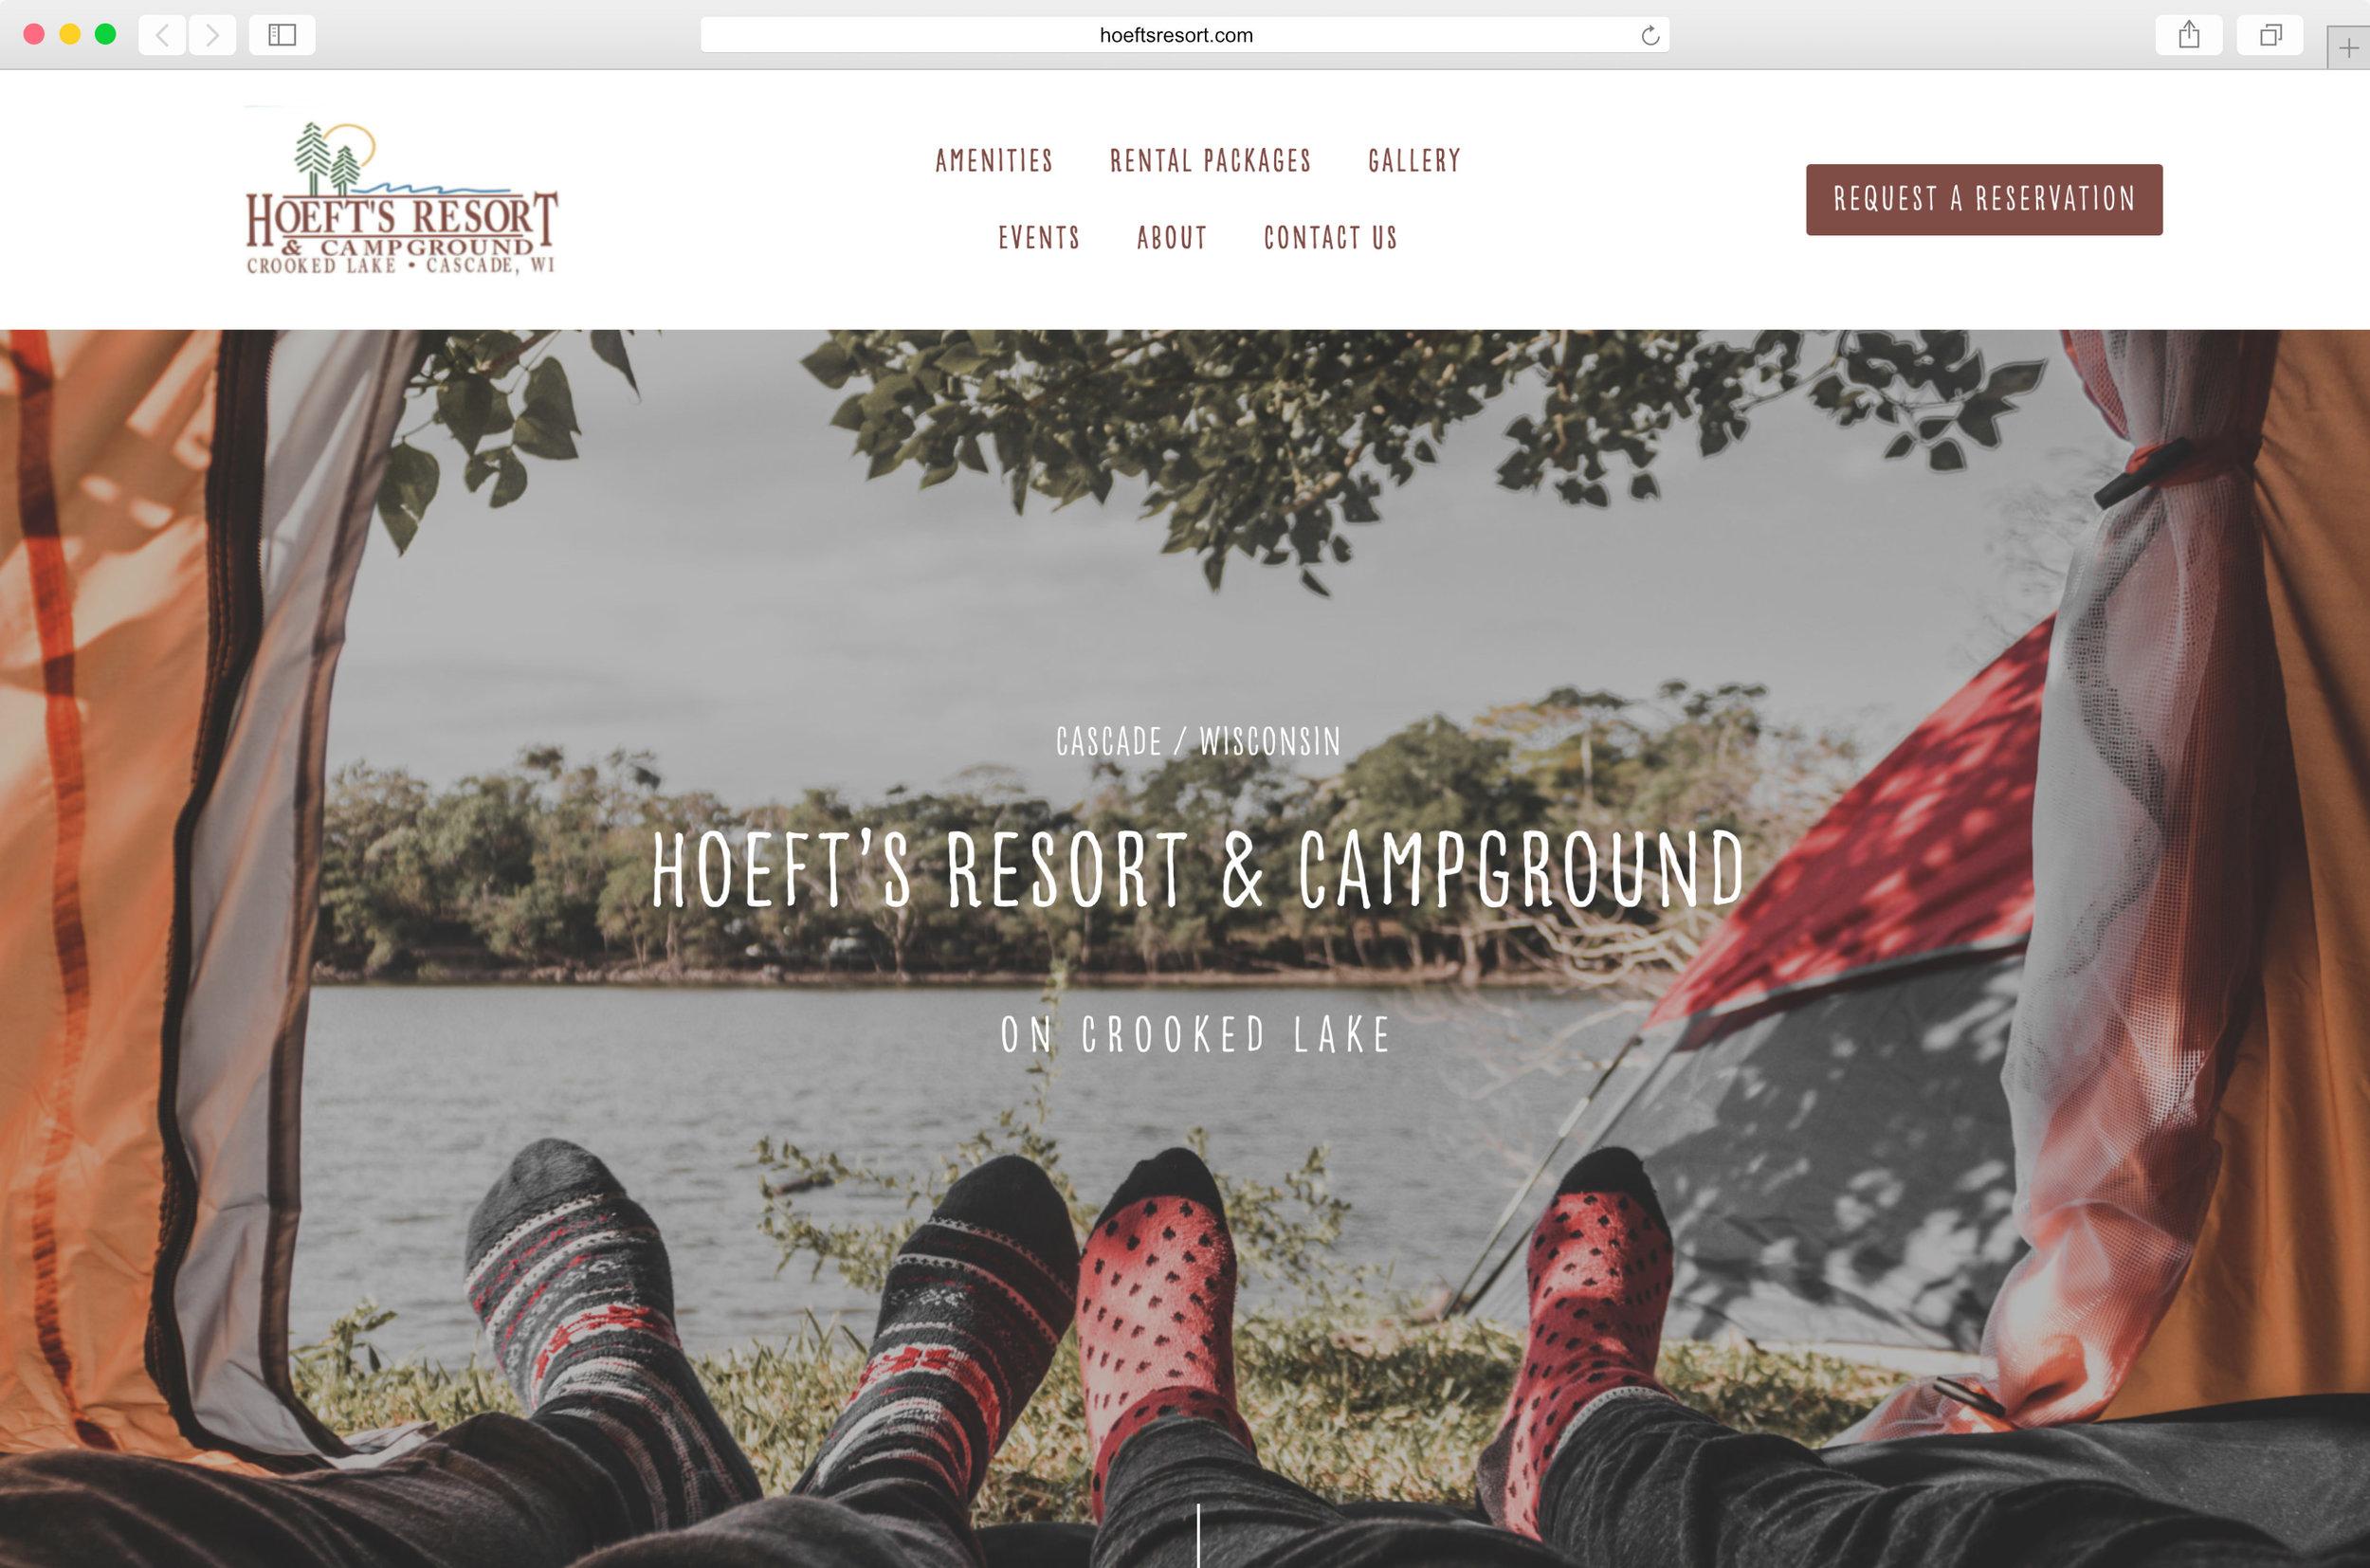 Hoeft's Resort & Campground